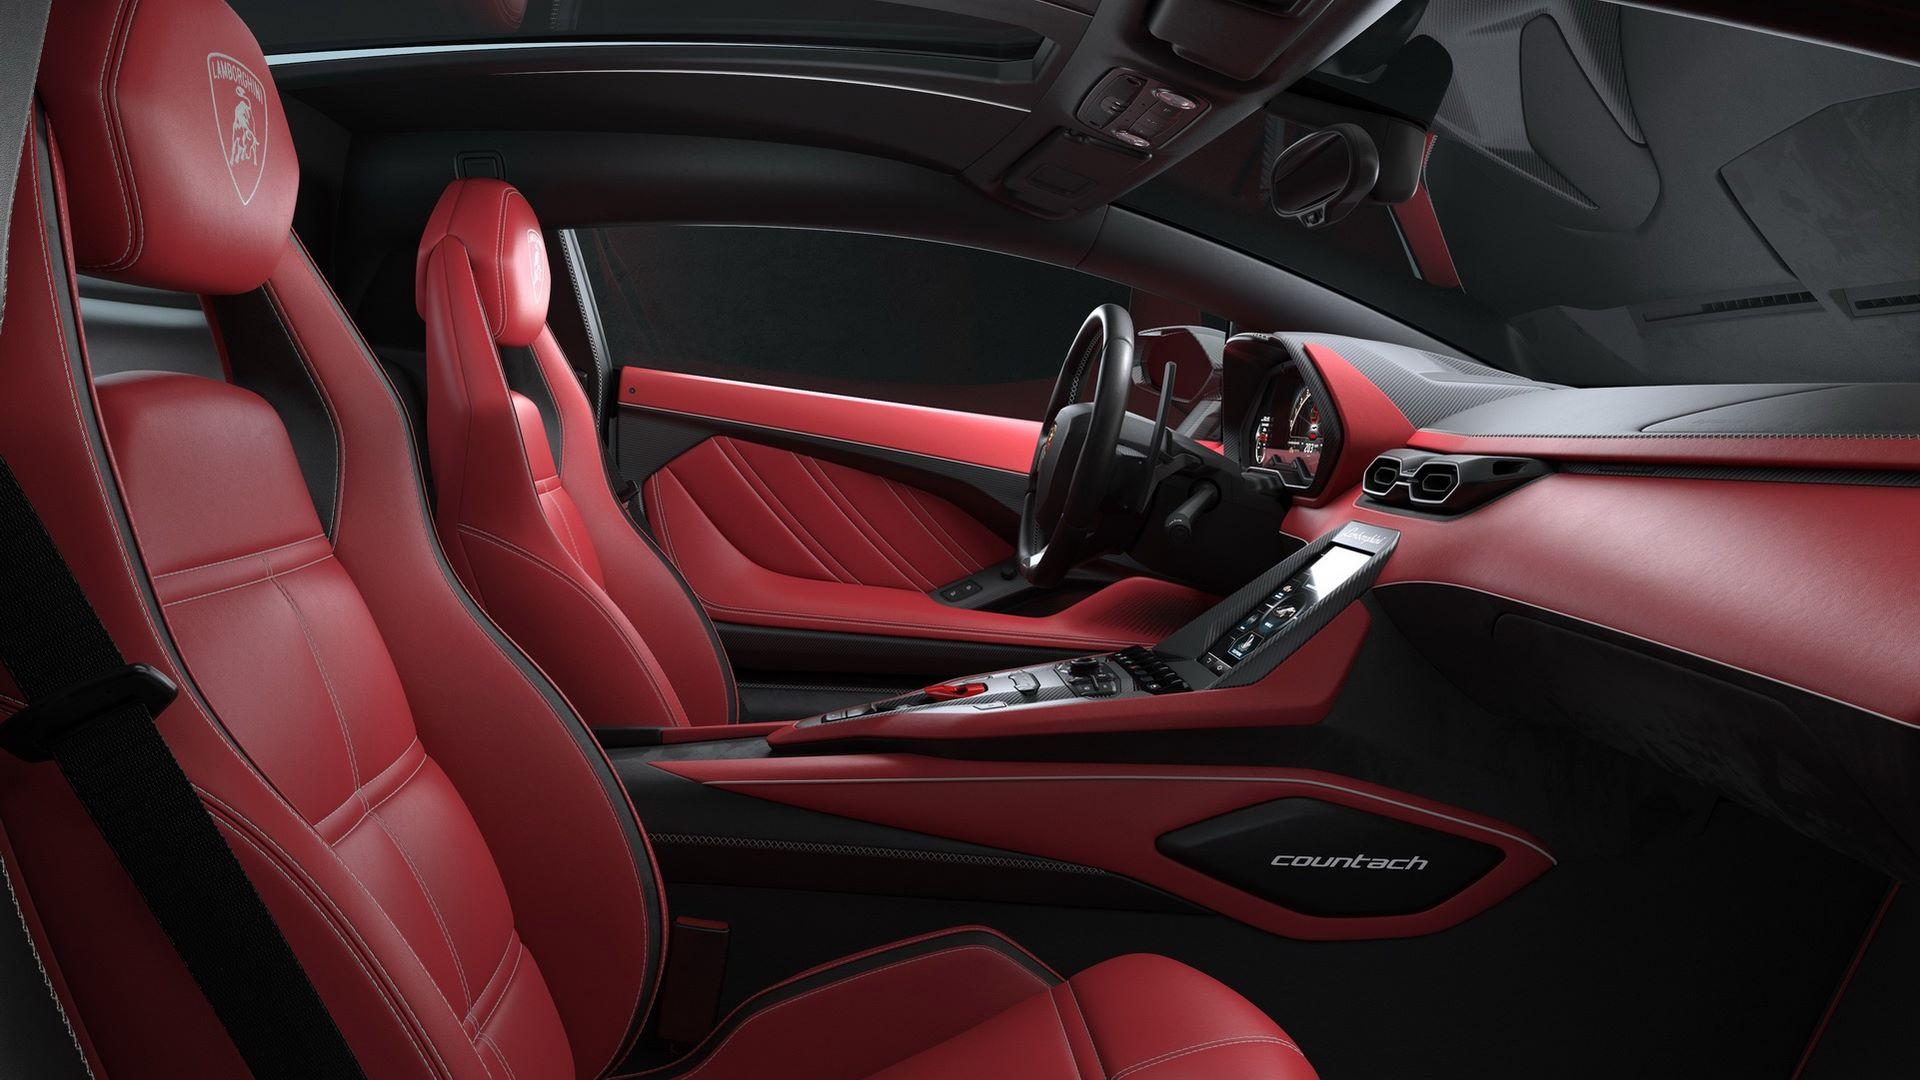 Lamborghini-Countach-LPI-800-4-98